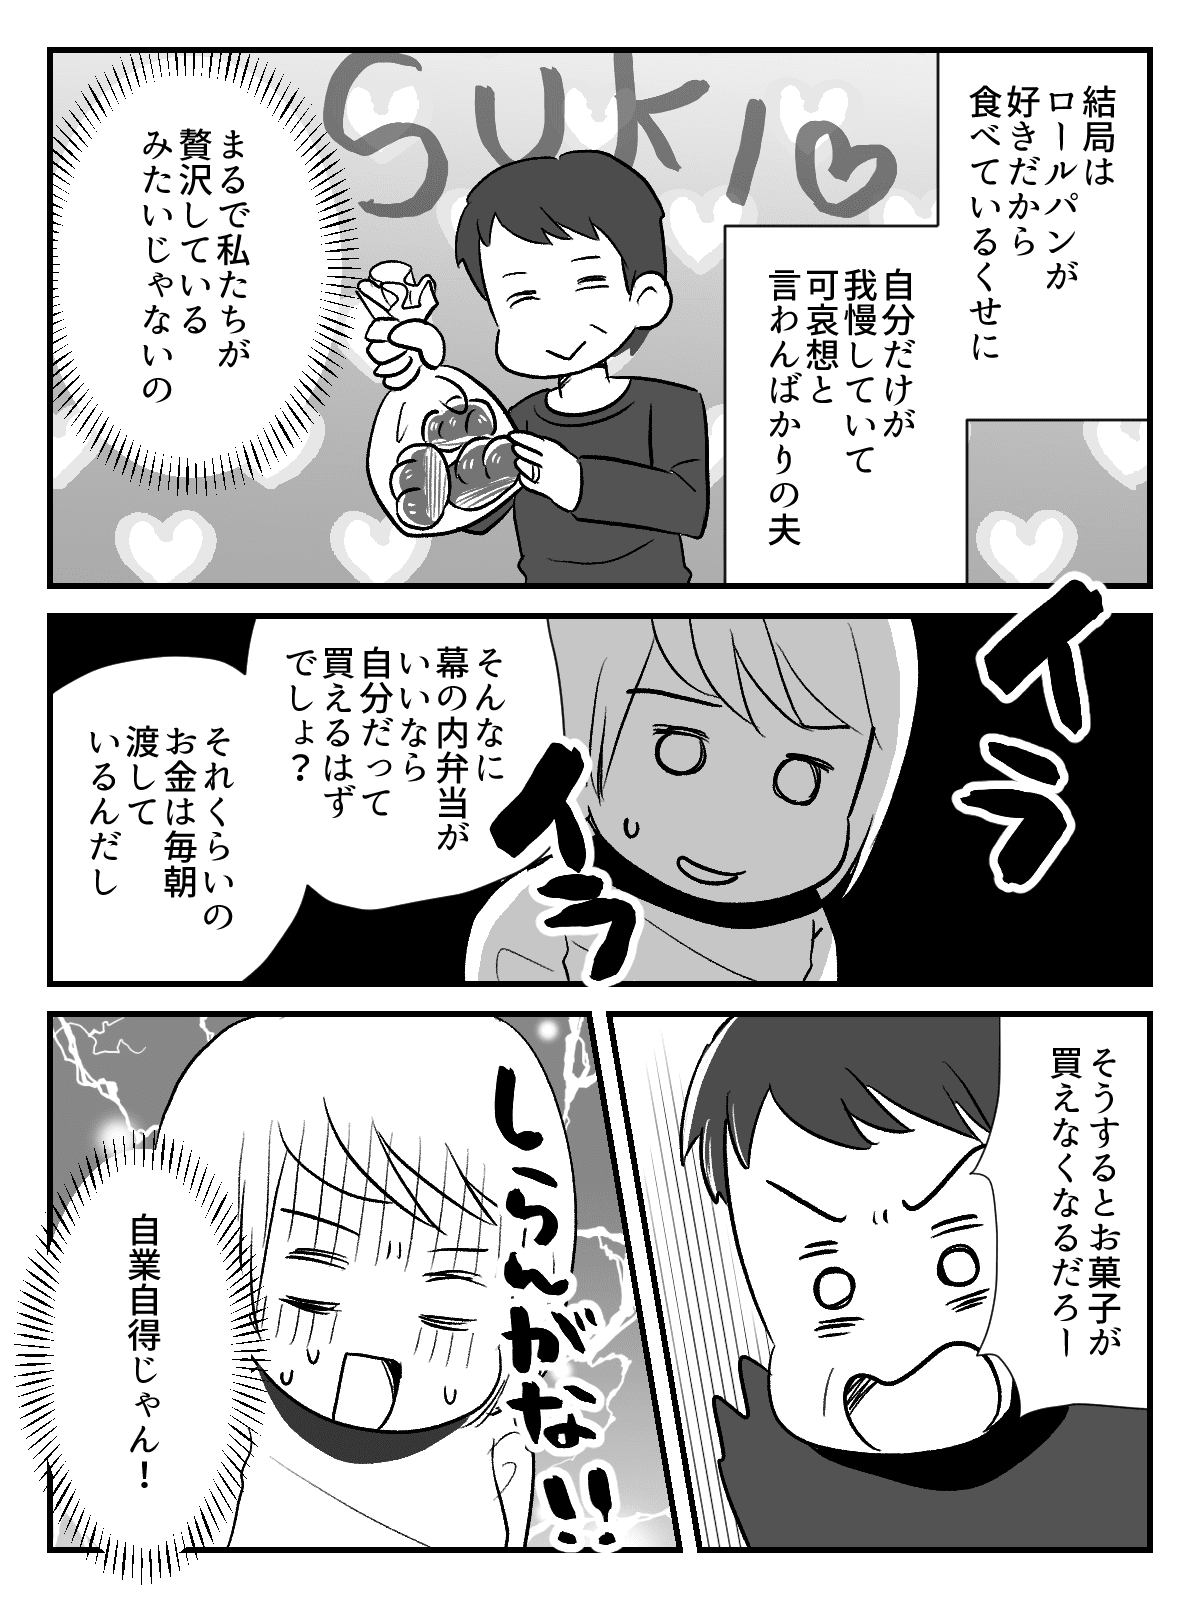 ロールパン__003